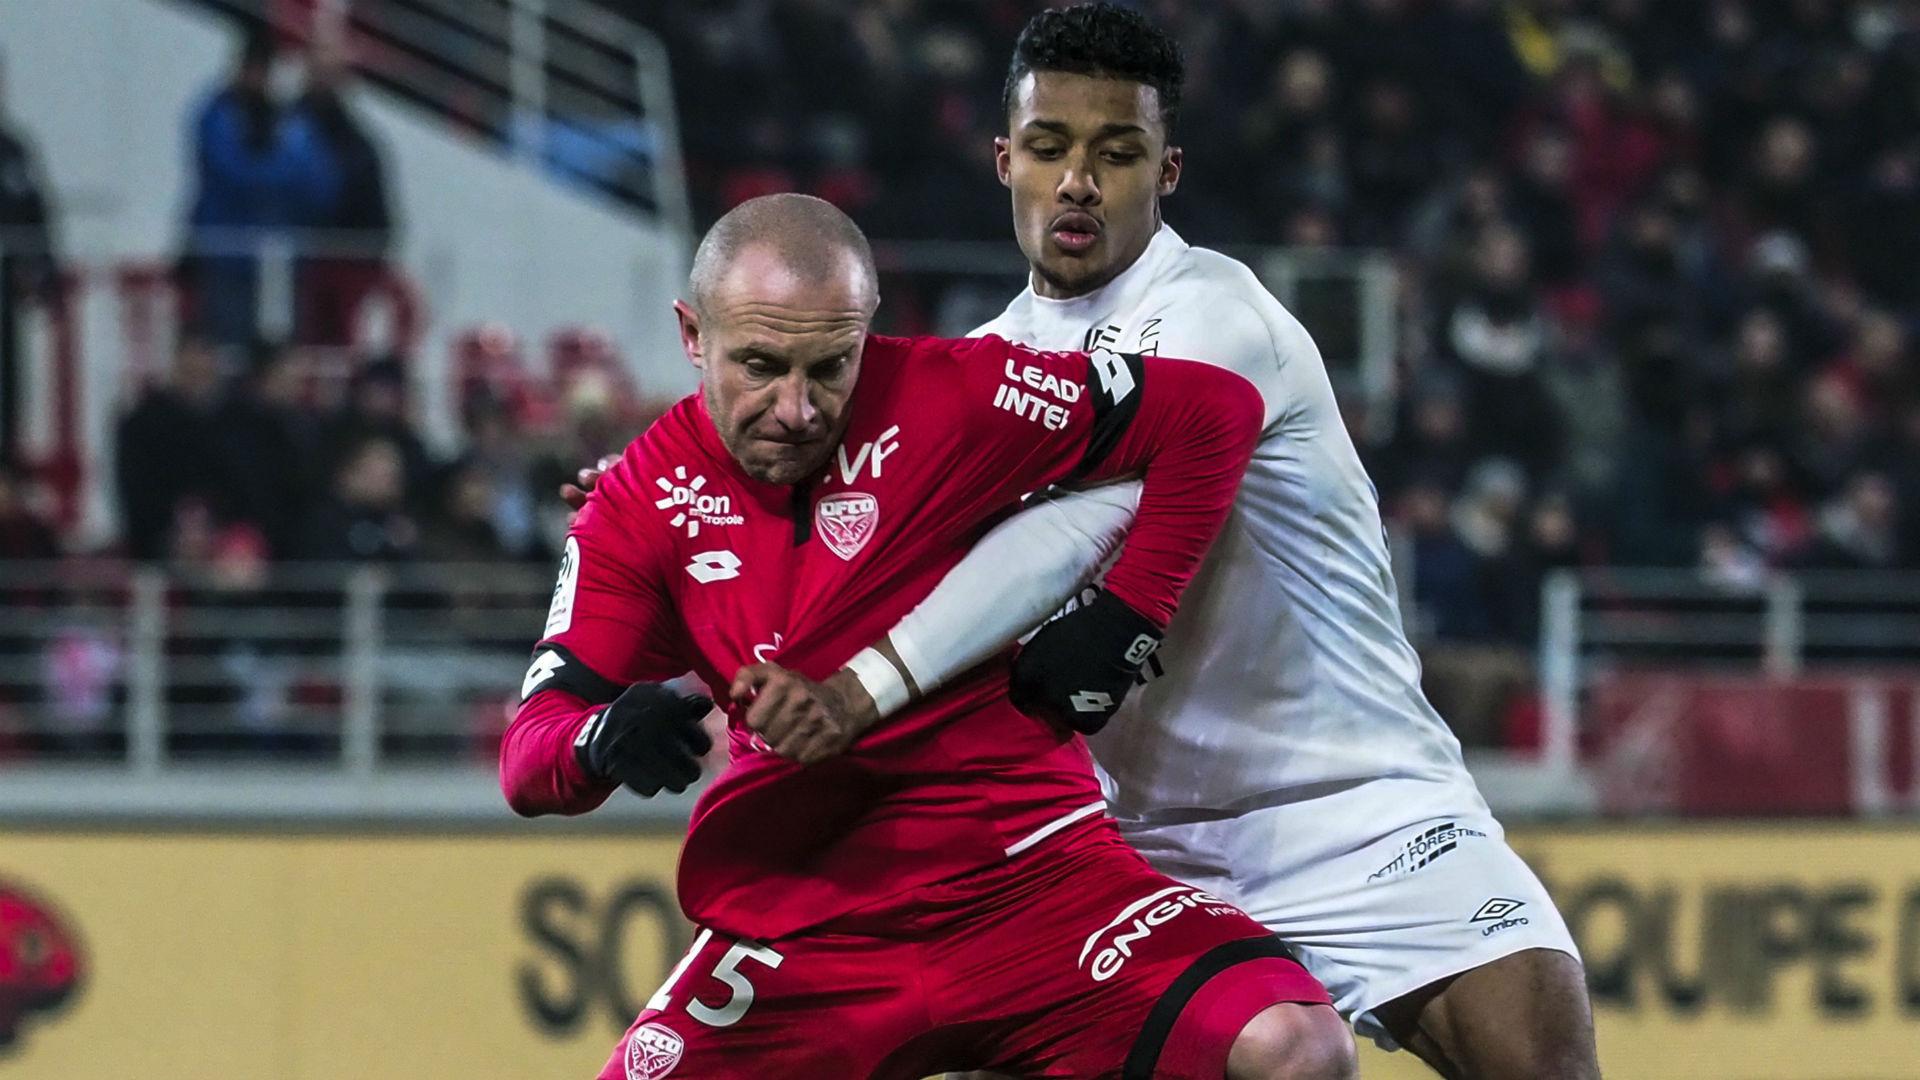 Florent Balmont Yoel Armougoum Dijon Caen Ligue 1 24022018